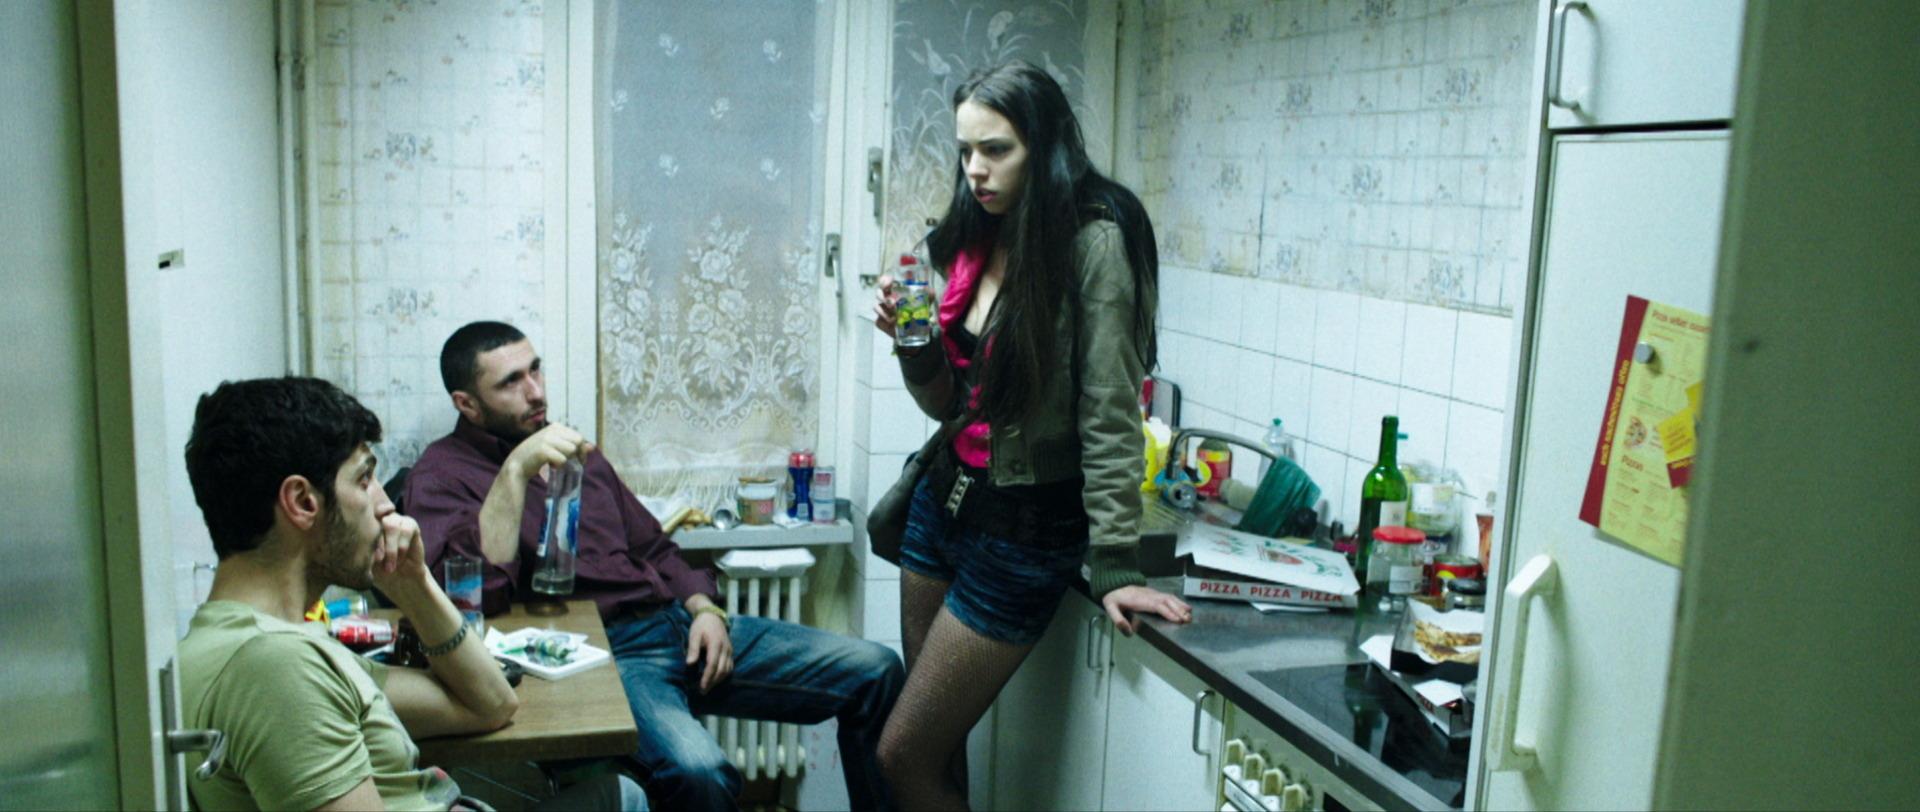 Traumland - Dreamland - Mia in der Küche mit Ihrem Freund und Zuhälter - Regie Petra Volpe - Kamera Judith Kaufmann